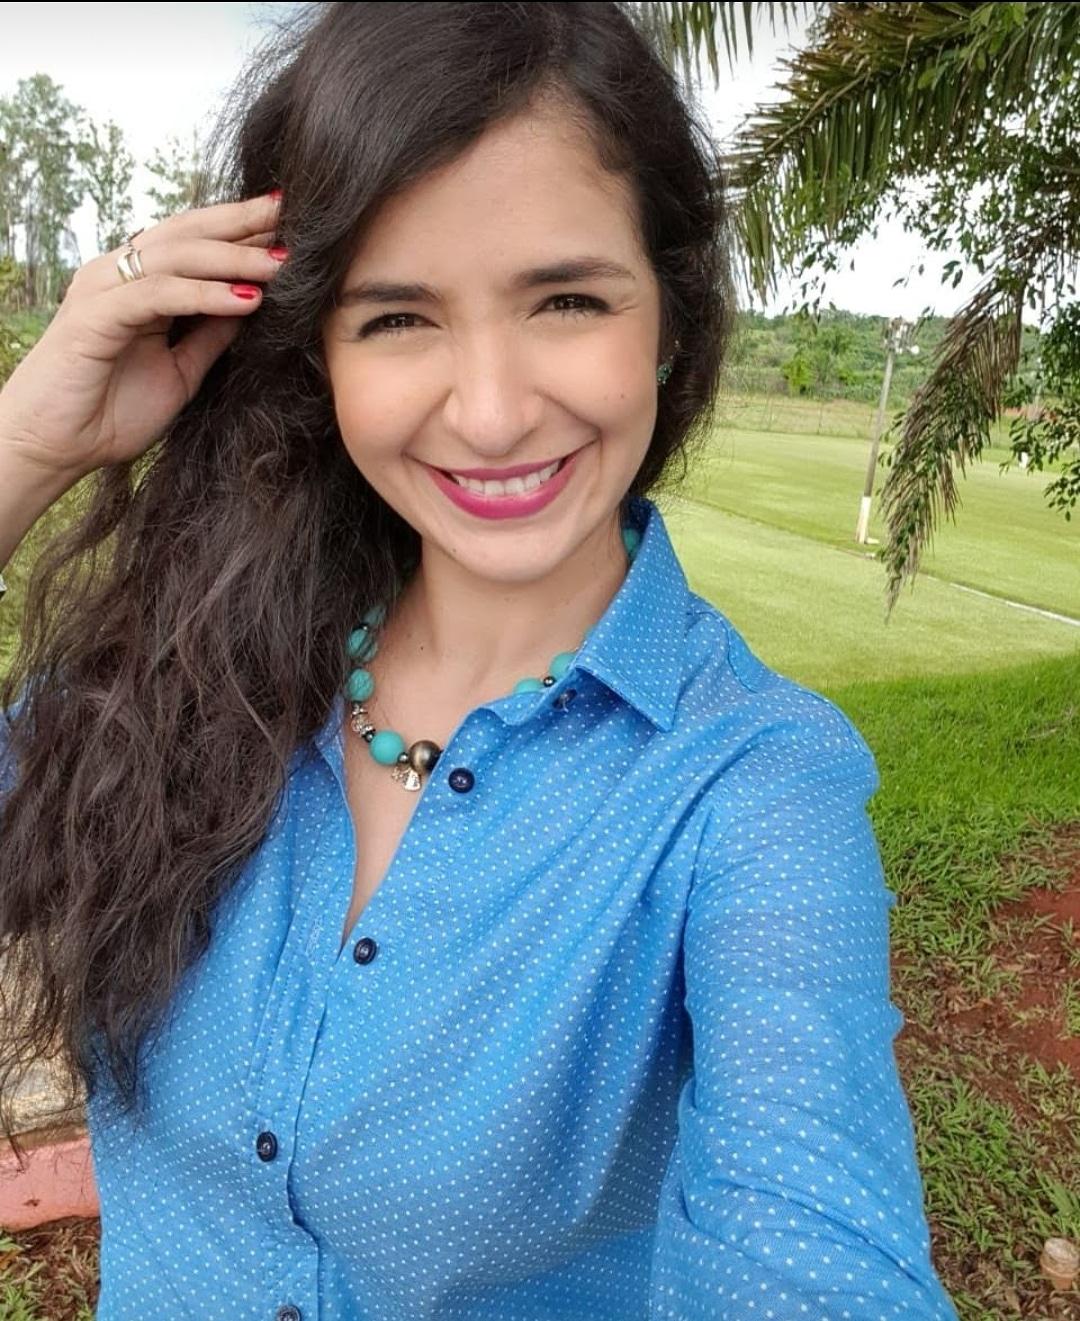 Samara Pazeta Gomes